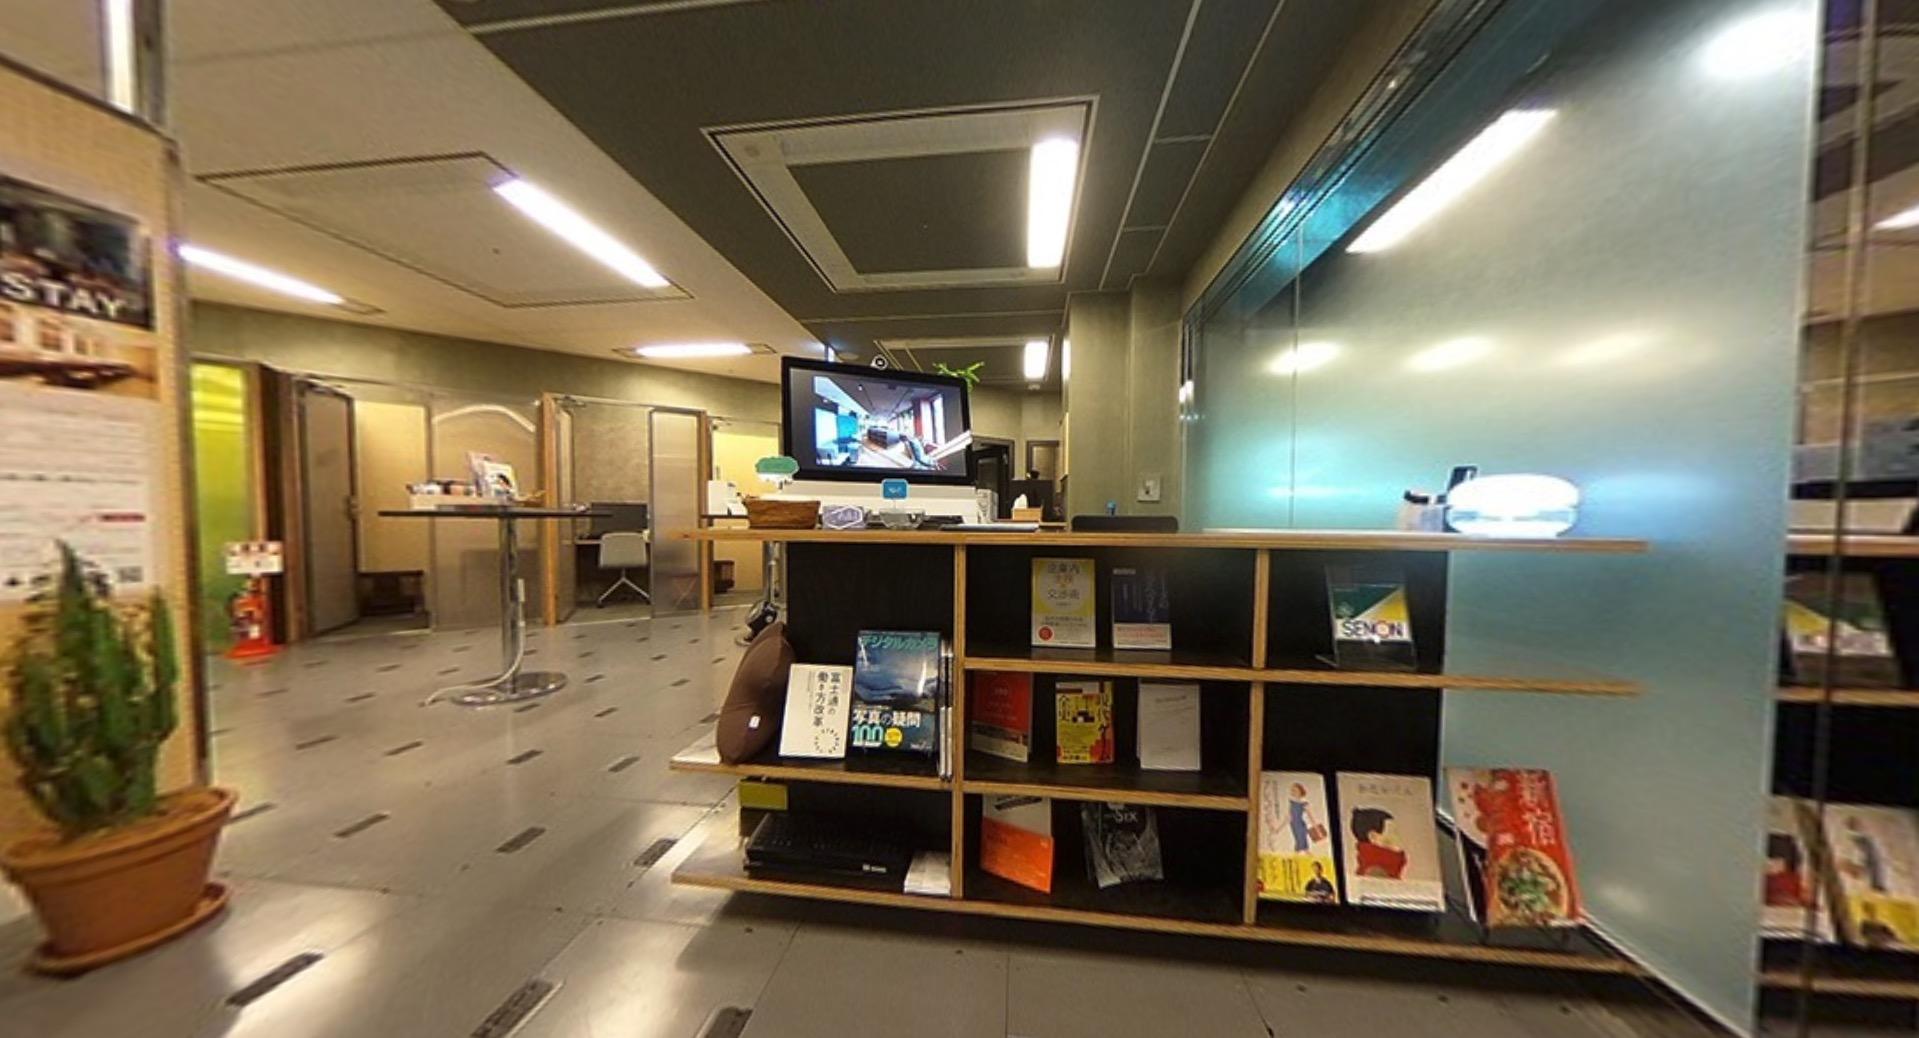 ワークスタイリング新宿西口のオフィス内部の画像「フロント」